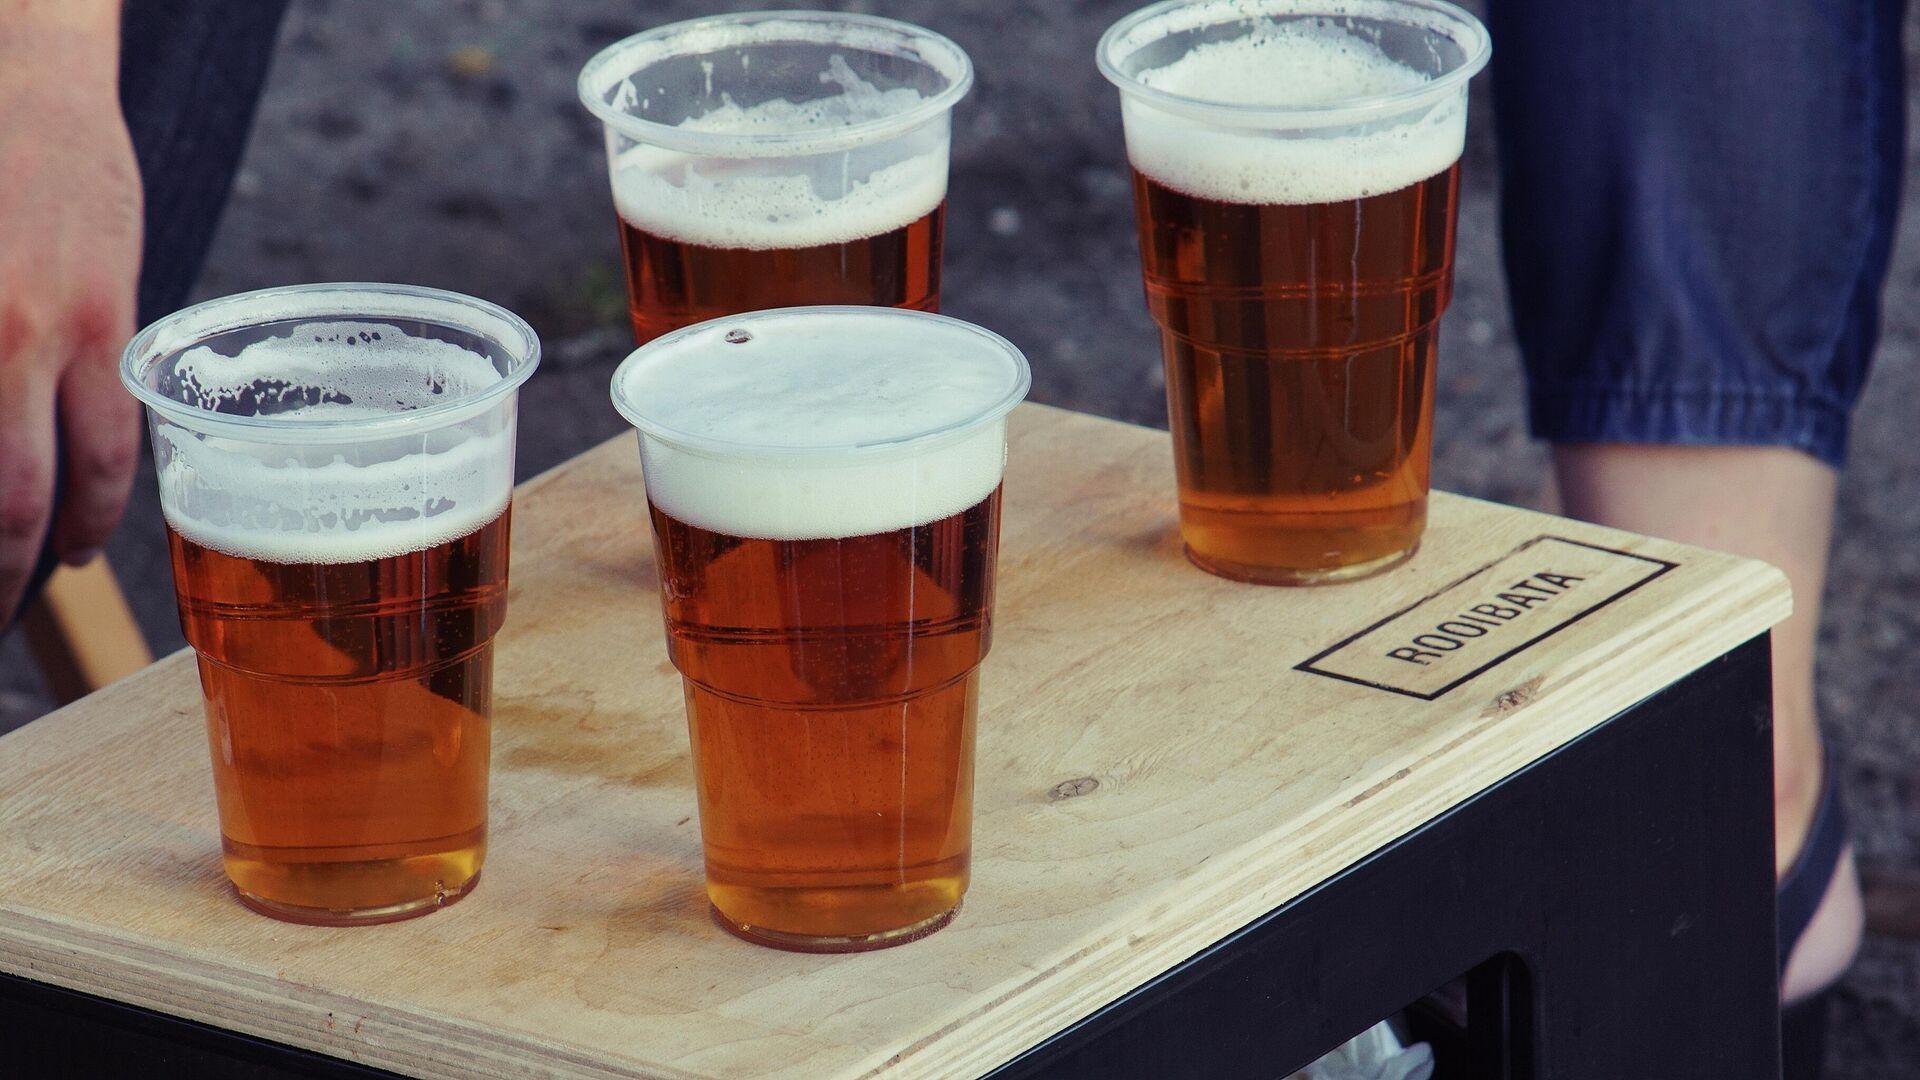 Unos vasos de cerveza - Sputnik Mundo, 1920, 16.04.2021